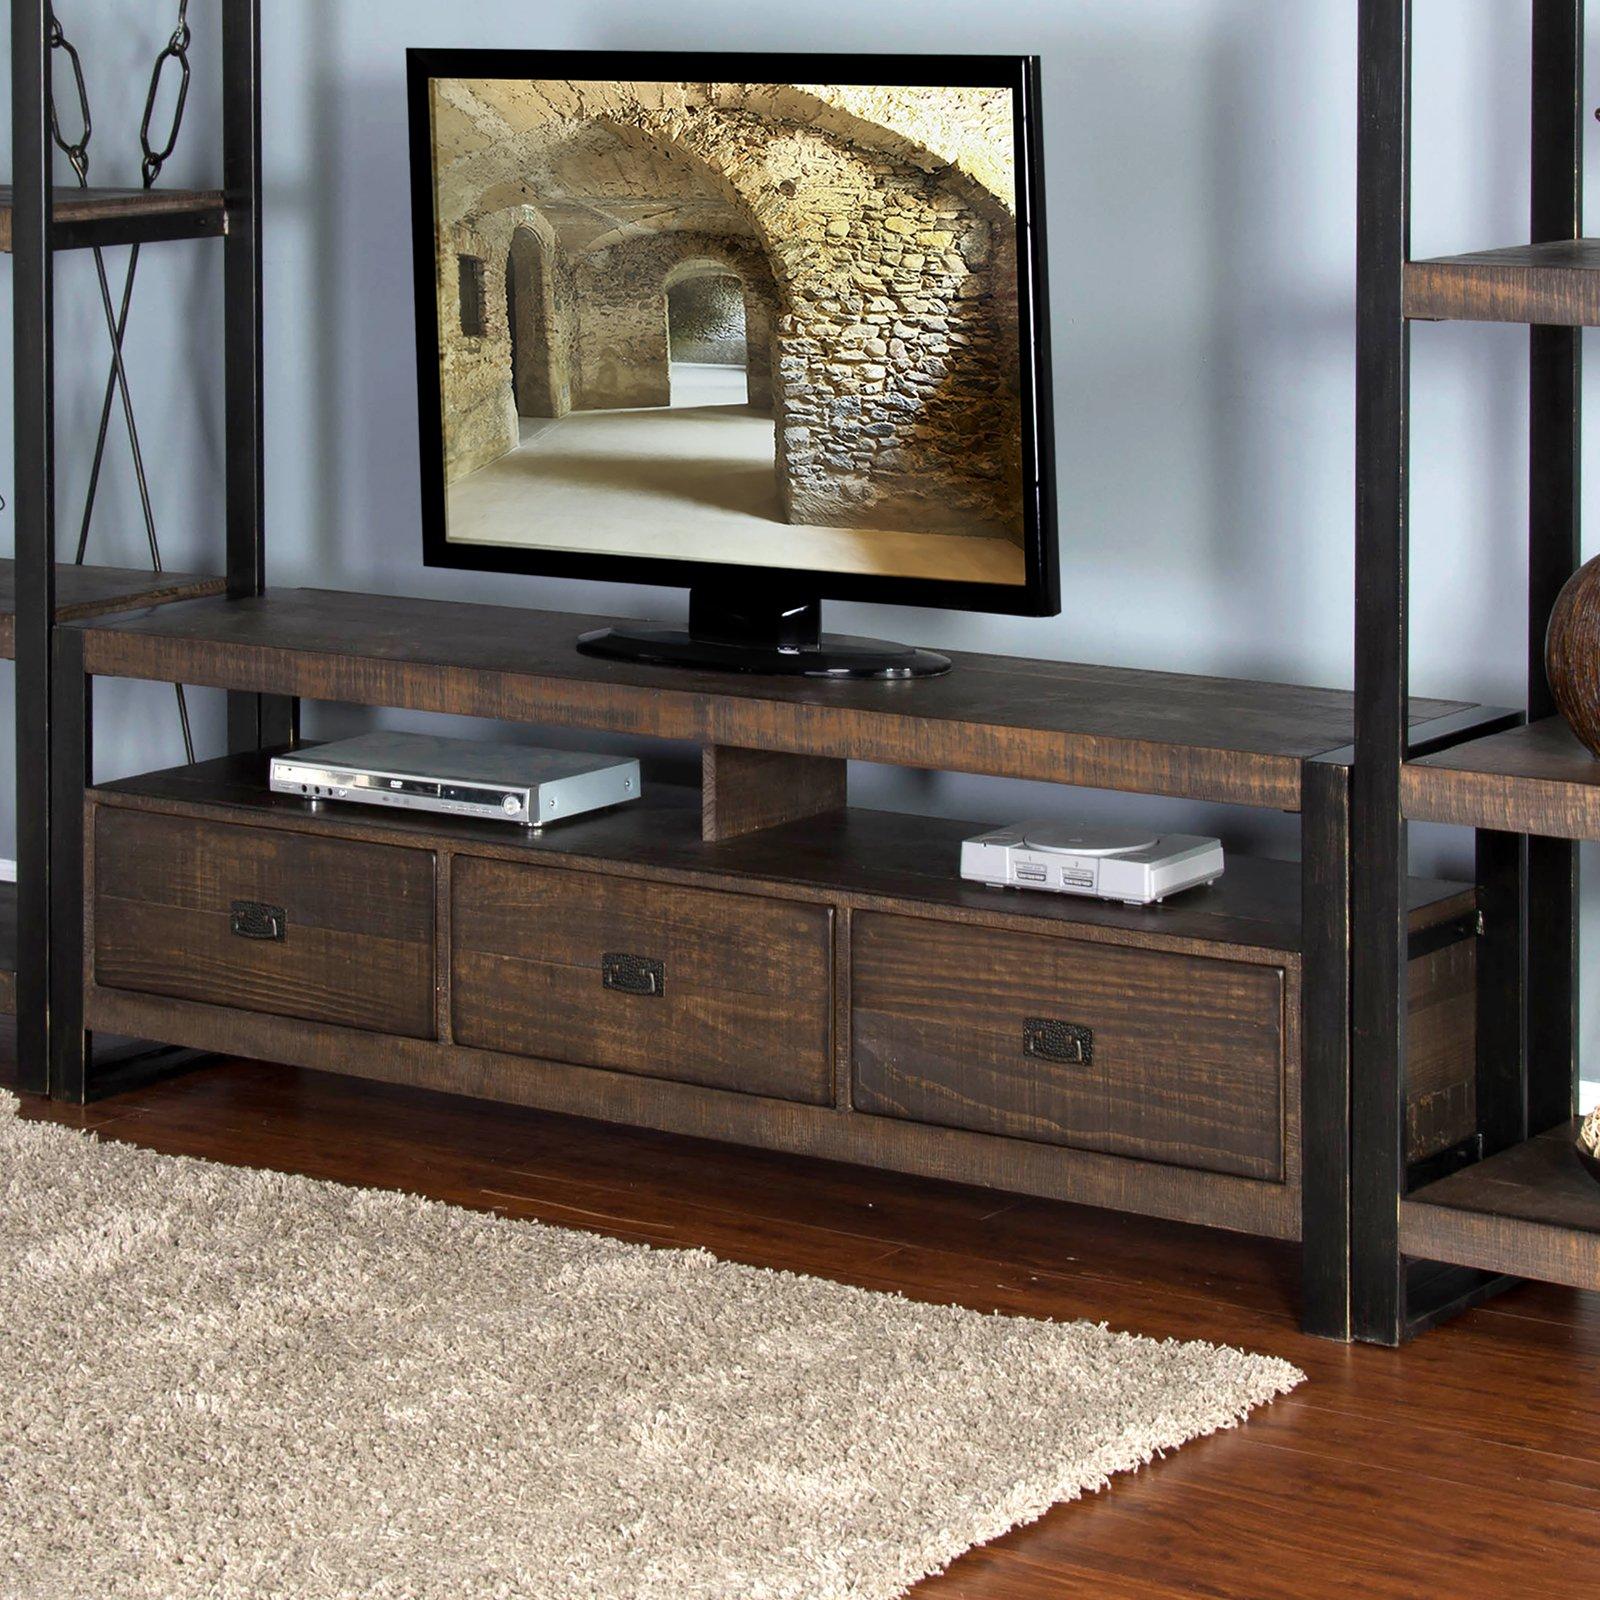 Sunny Designs Homestead 54 in. TV Console